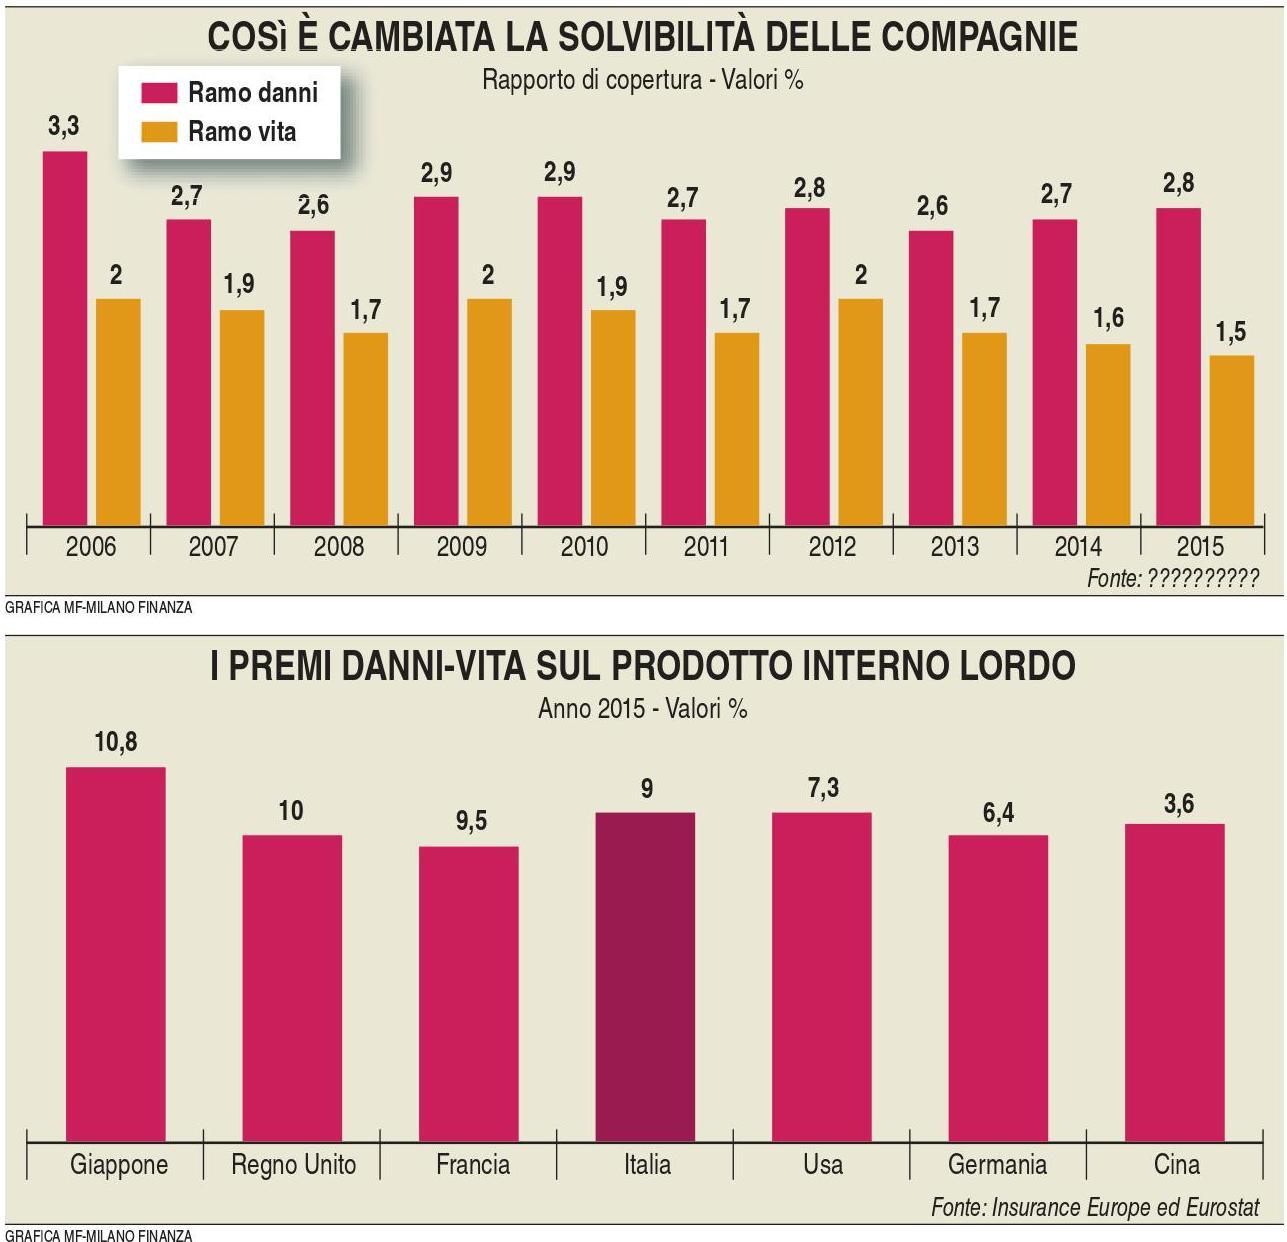 solvibilita-compagnie-milano-finanza-24-12-2016-imc